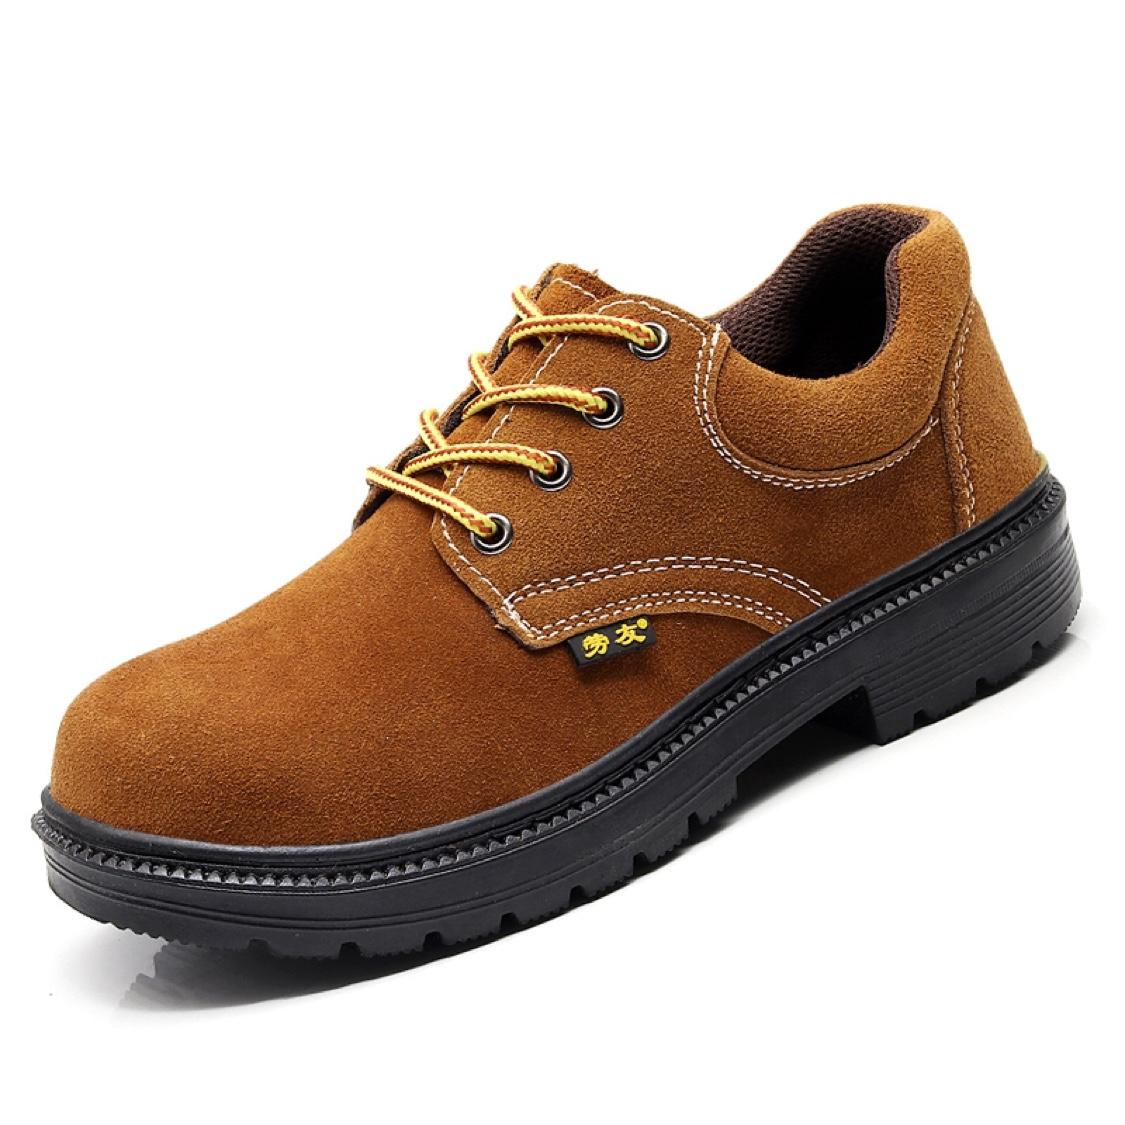 劳保鞋钢包头防砸钢板底防刺穿翻毛牛皮电焊工鞋